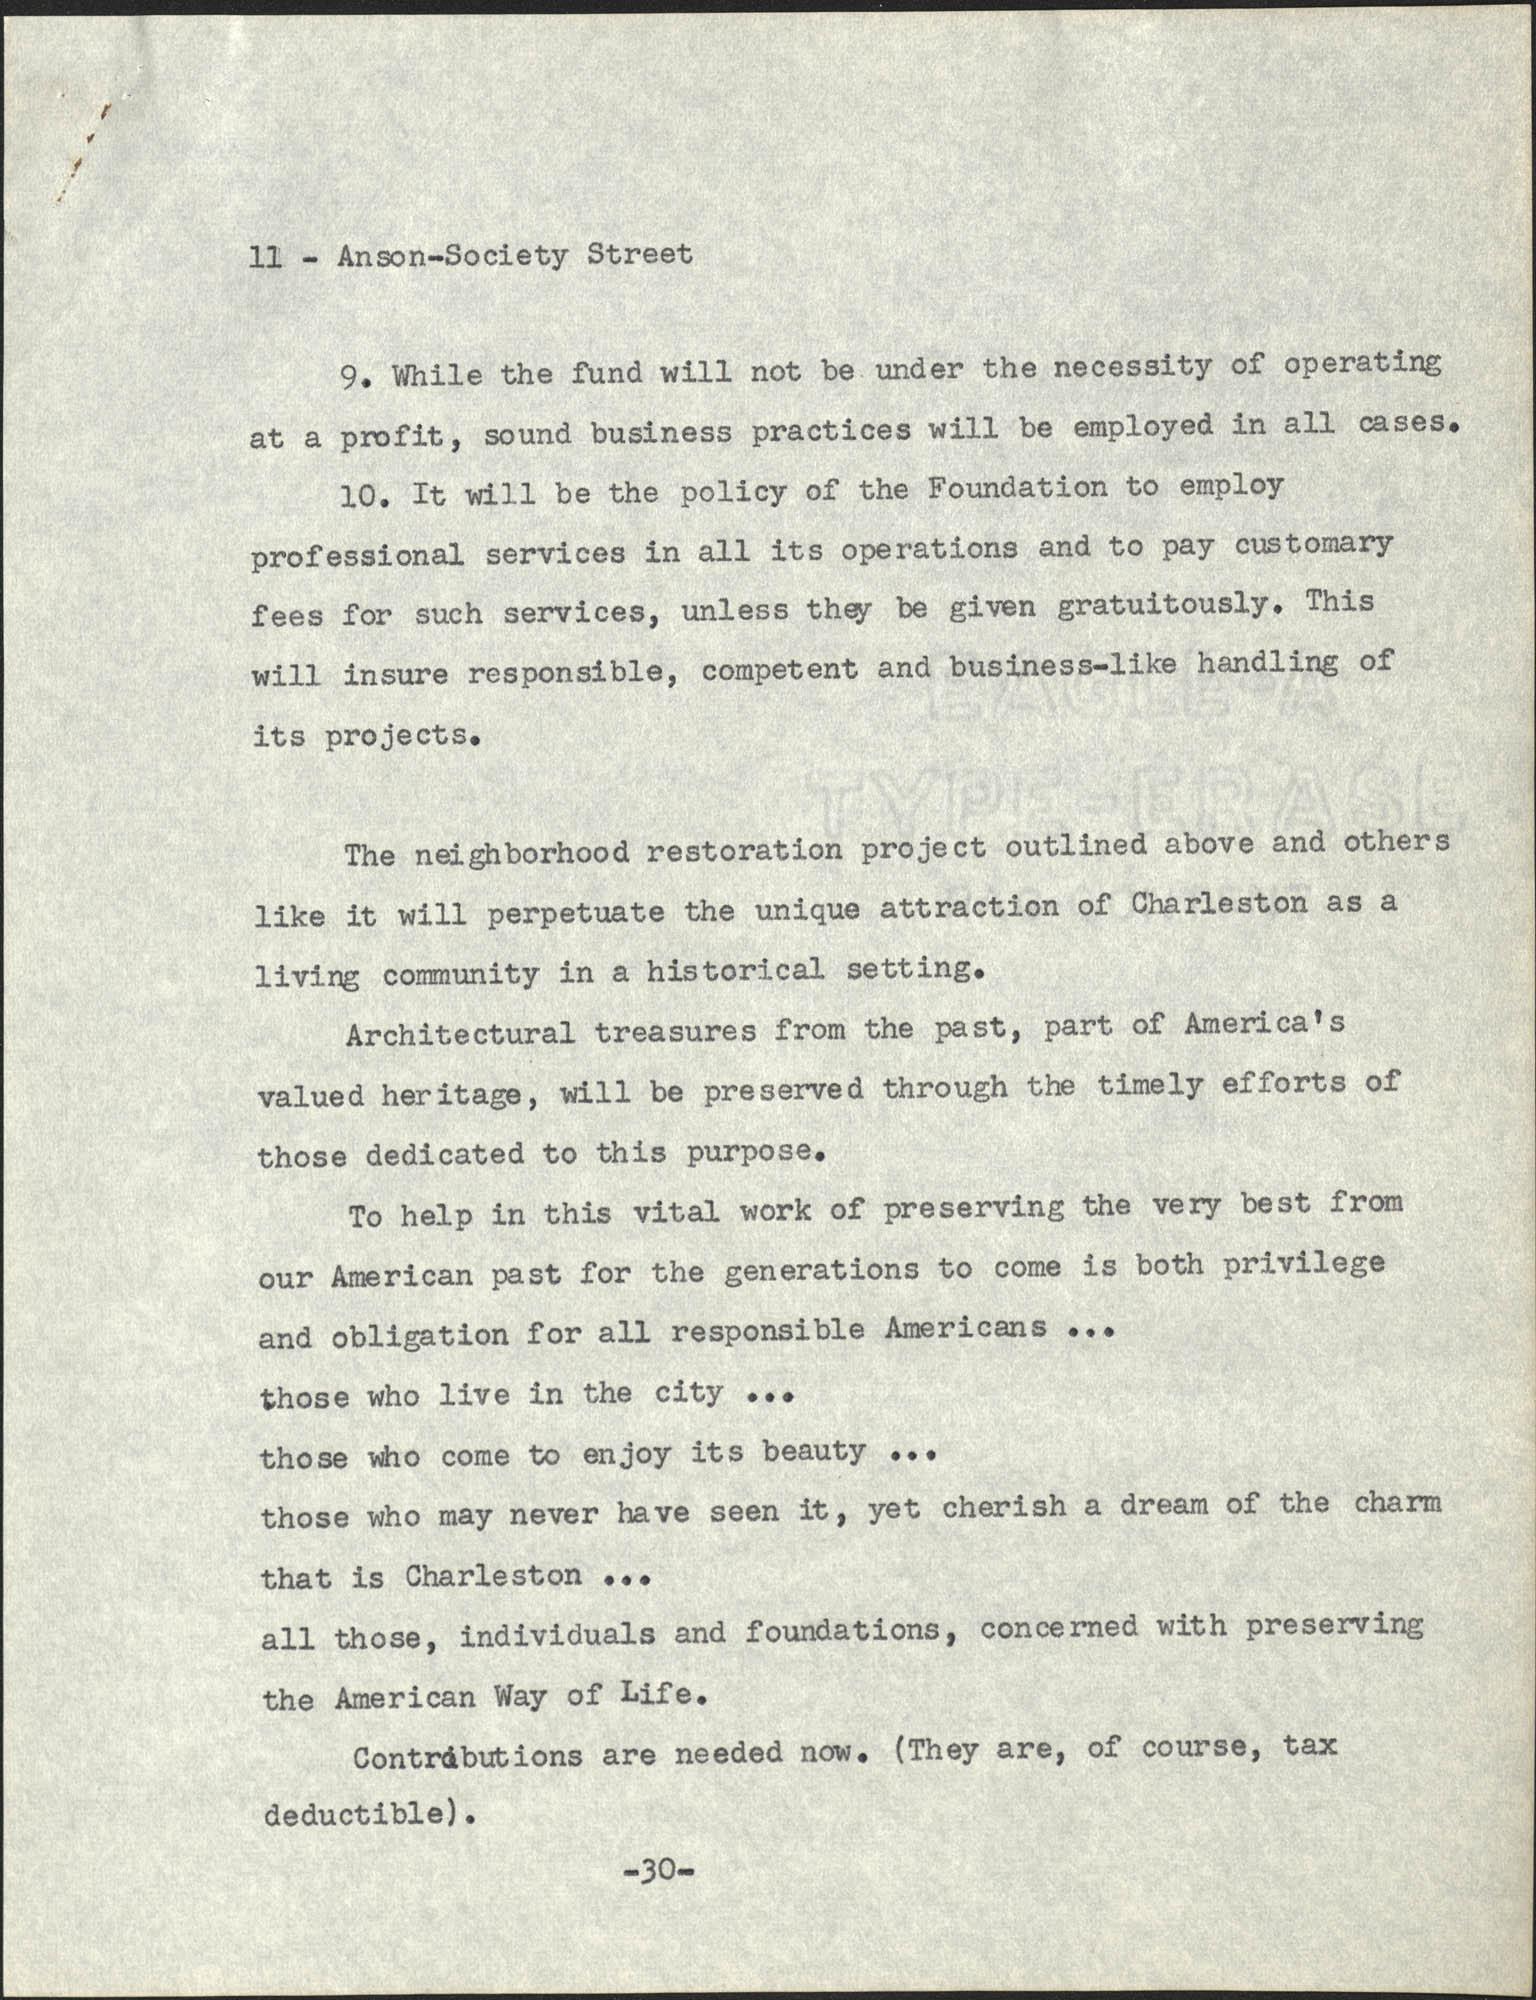 Anson-Society Street Rehabilitation, Page 11